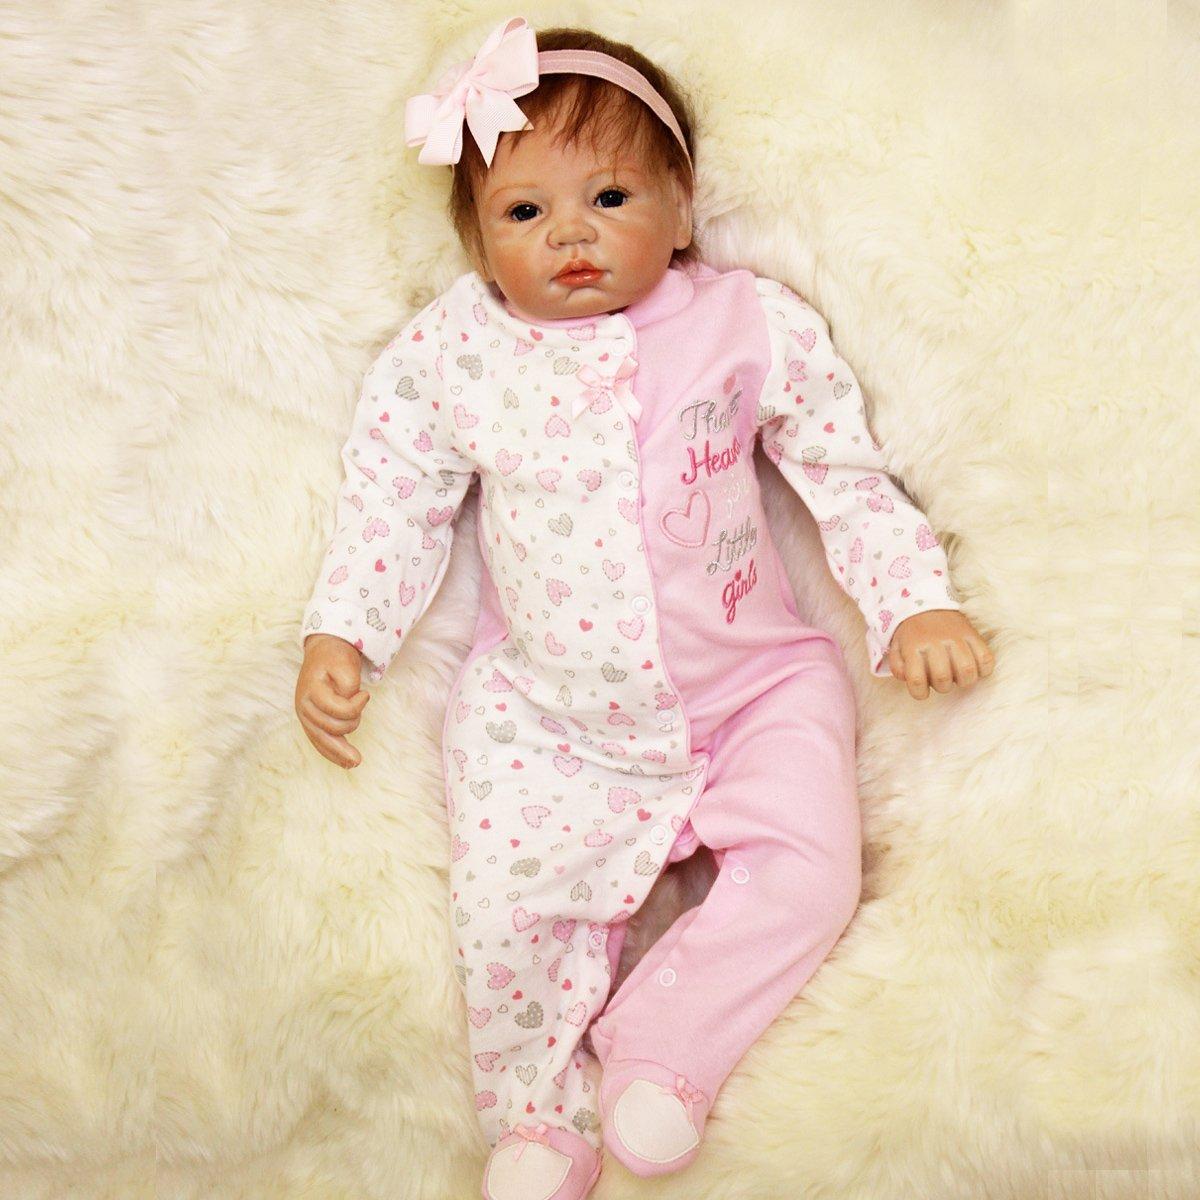 Bureze Reborn Baby Mädchen Puppe Silikon handgefertigt Mädchen lebensecht Spielhaus Spielzeug